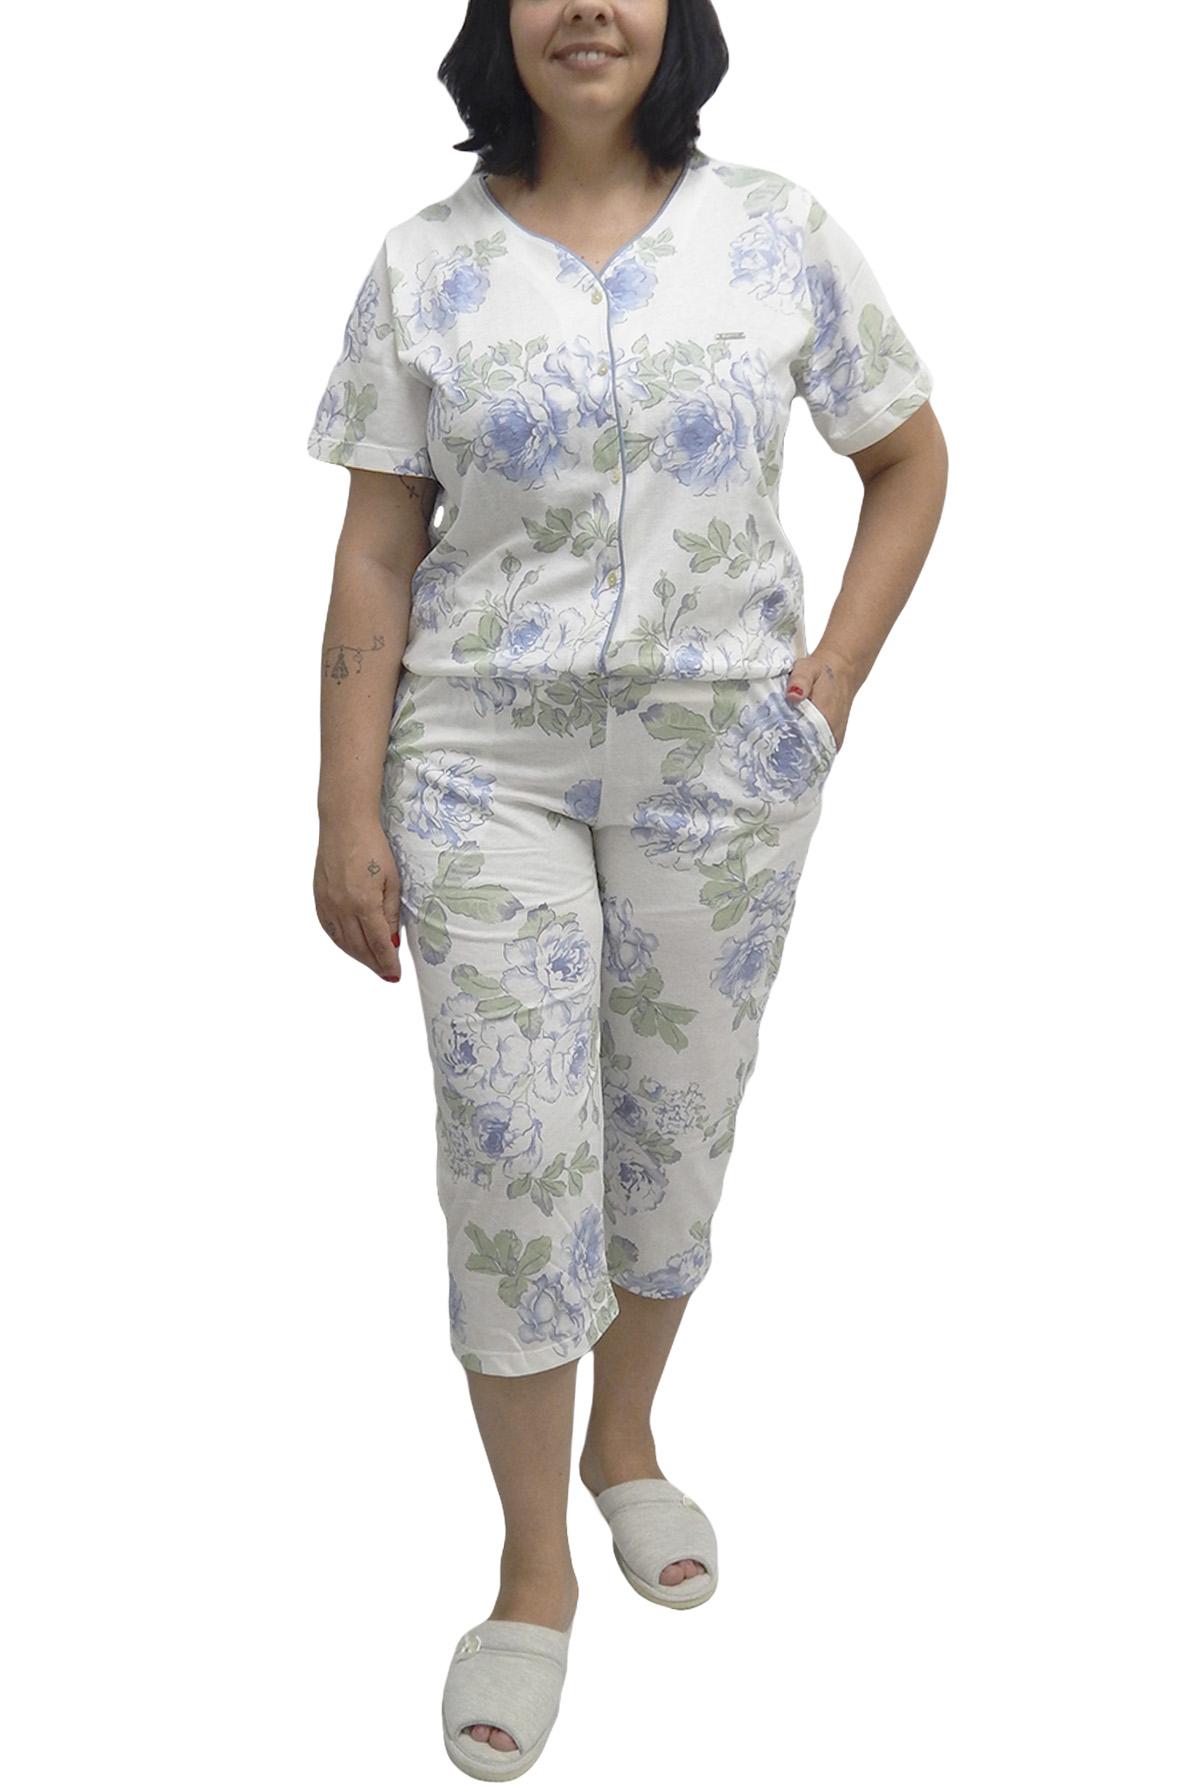 Pescador ou Pijama Capri Manga Curta Aberto em Algodão Estampado com Flores - TAM 42 ao 52 - Foxx